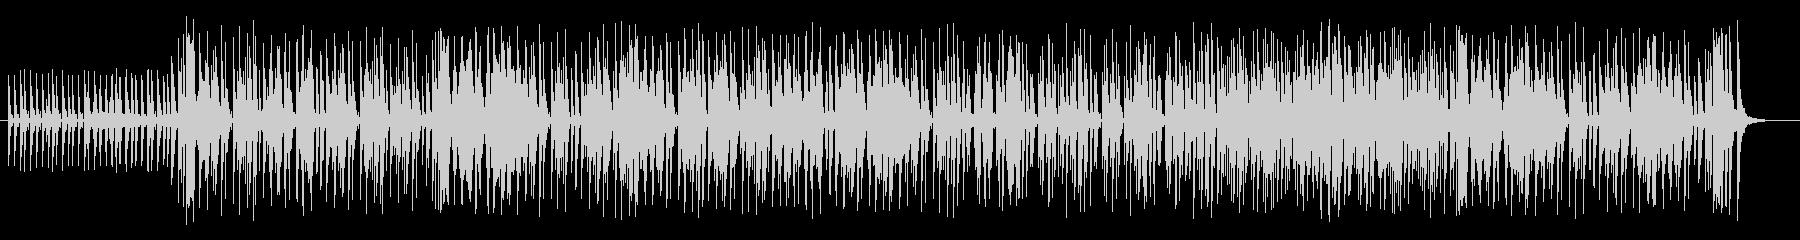 疾走感のあるシンセが特徴のフュージョン曲の未再生の波形